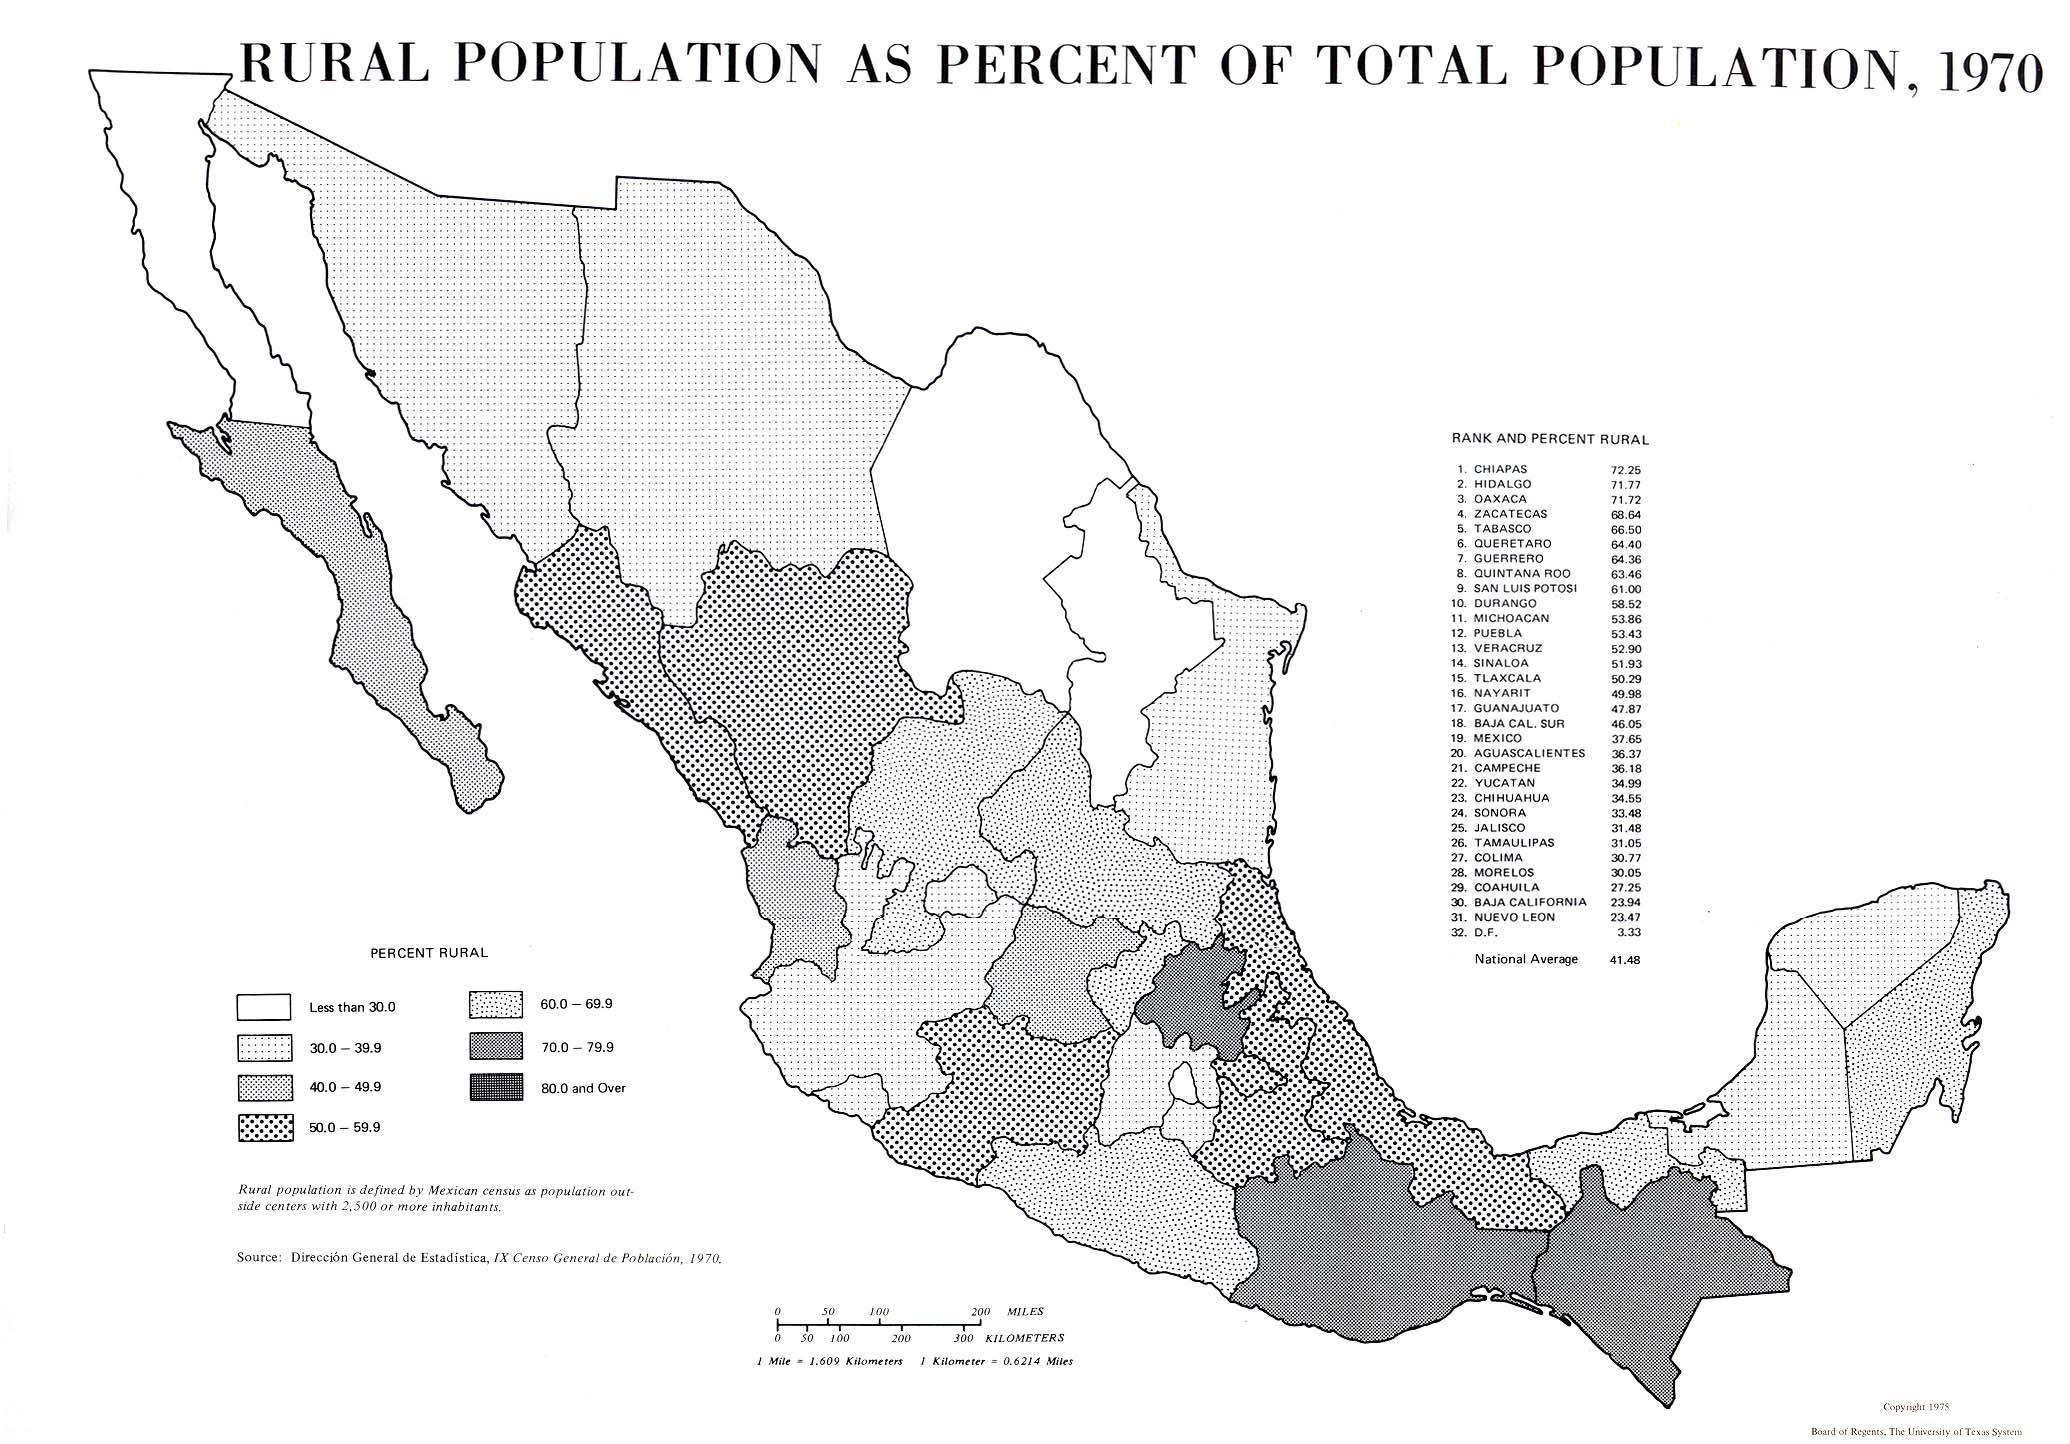 Mapa de la Población Rural como Porcentaje de la Población Total, México 1970